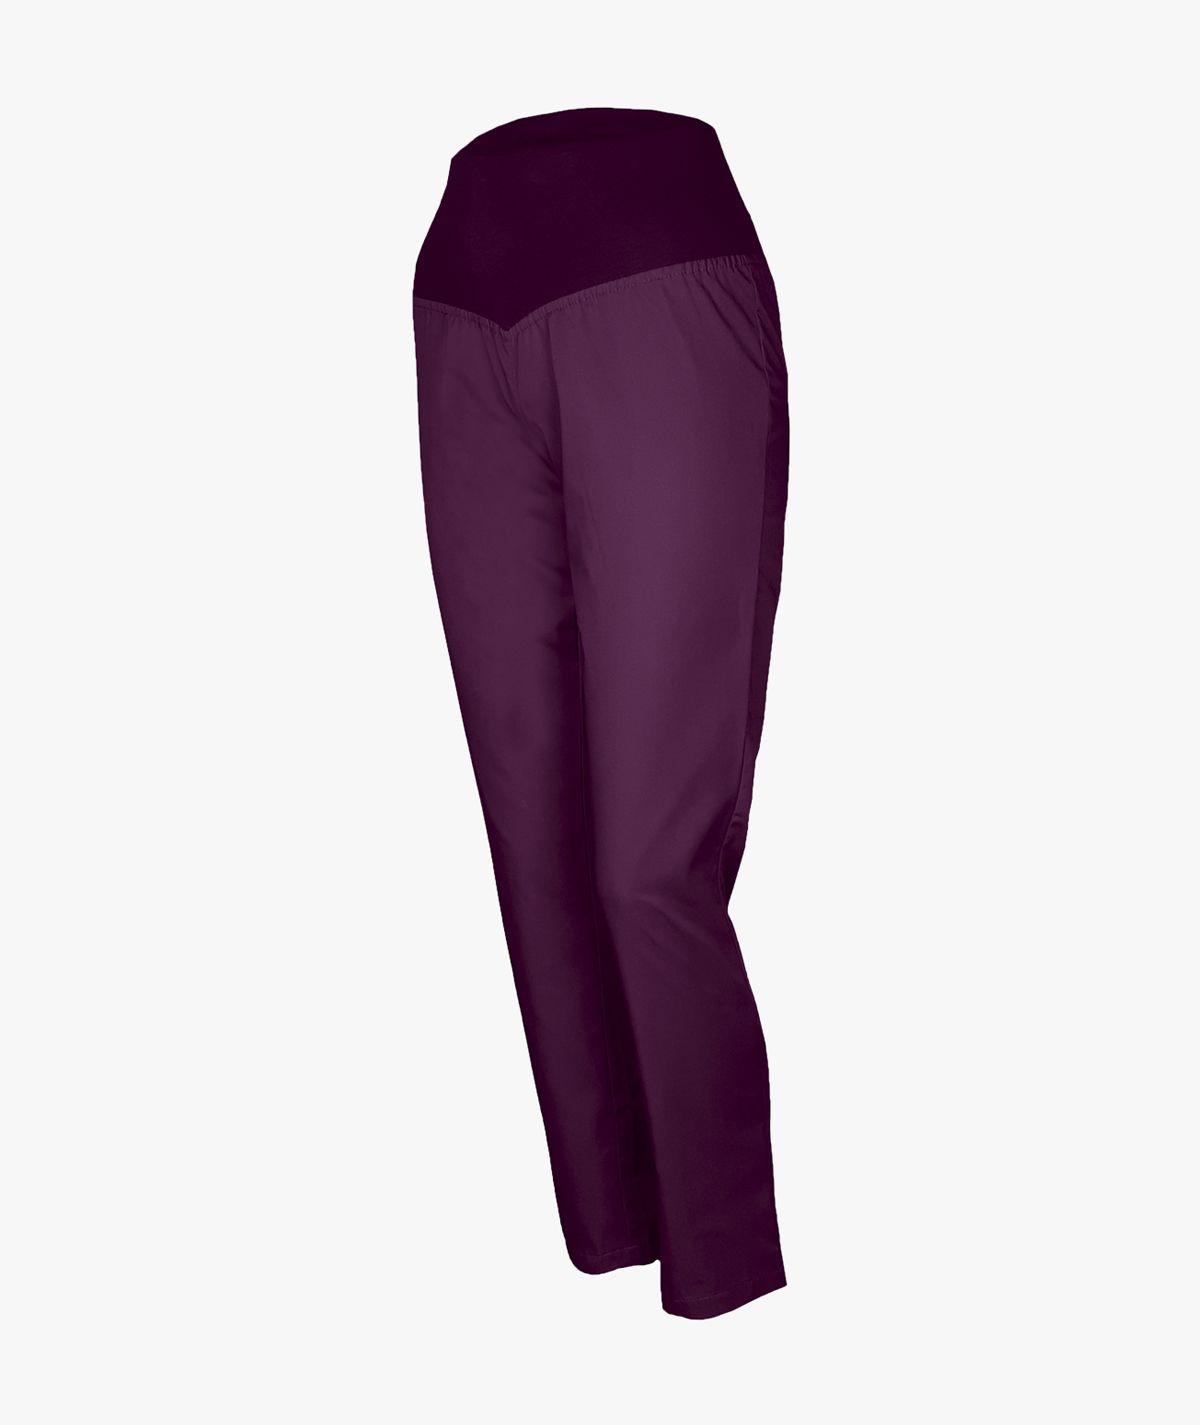 Śliwkowe spodnie medyczne ze ściągaczem